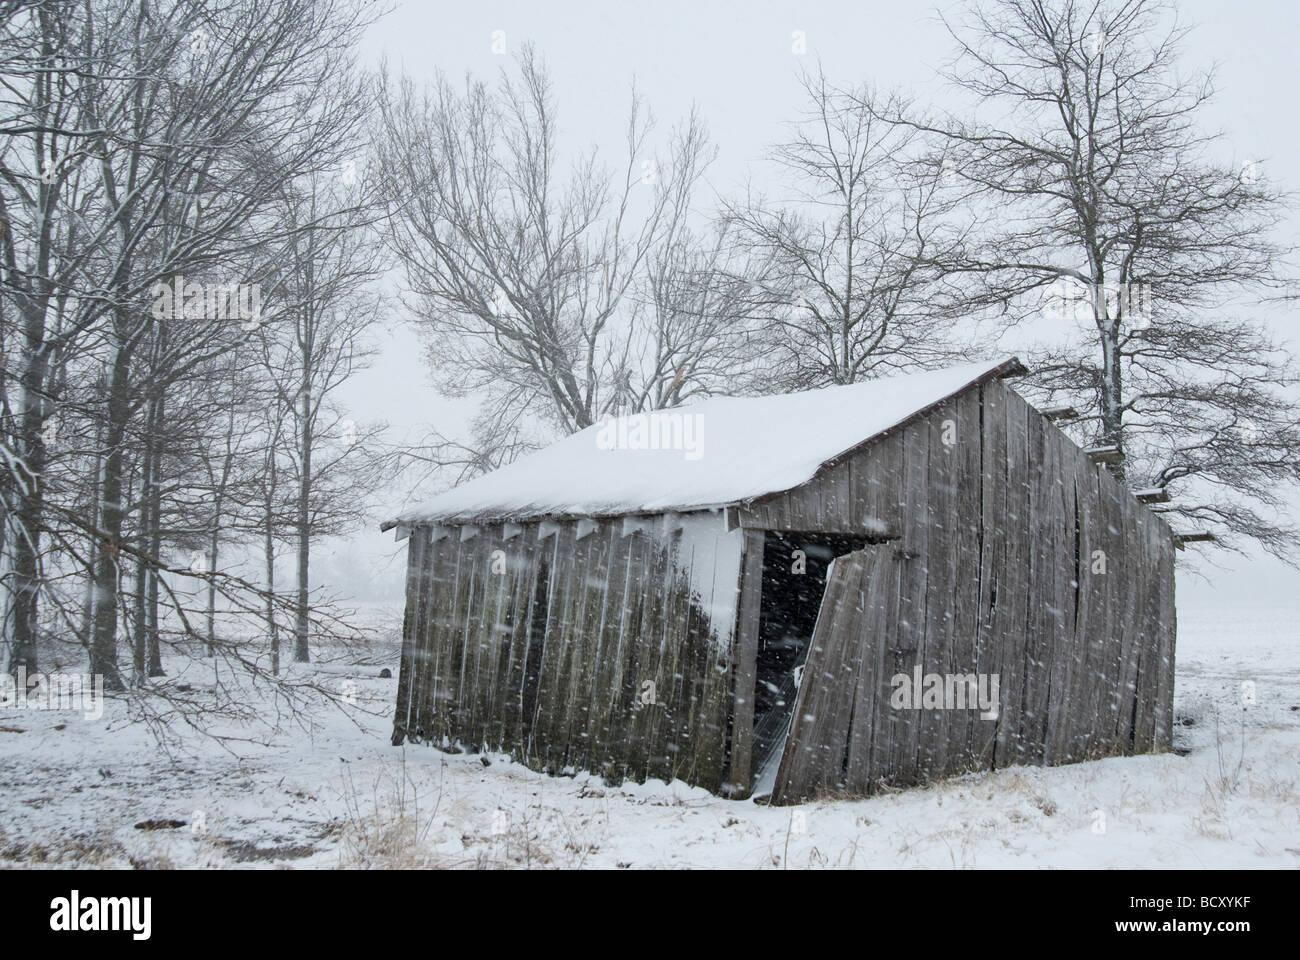 Old Rustic Barn Winter Snow Scene In Arkansas